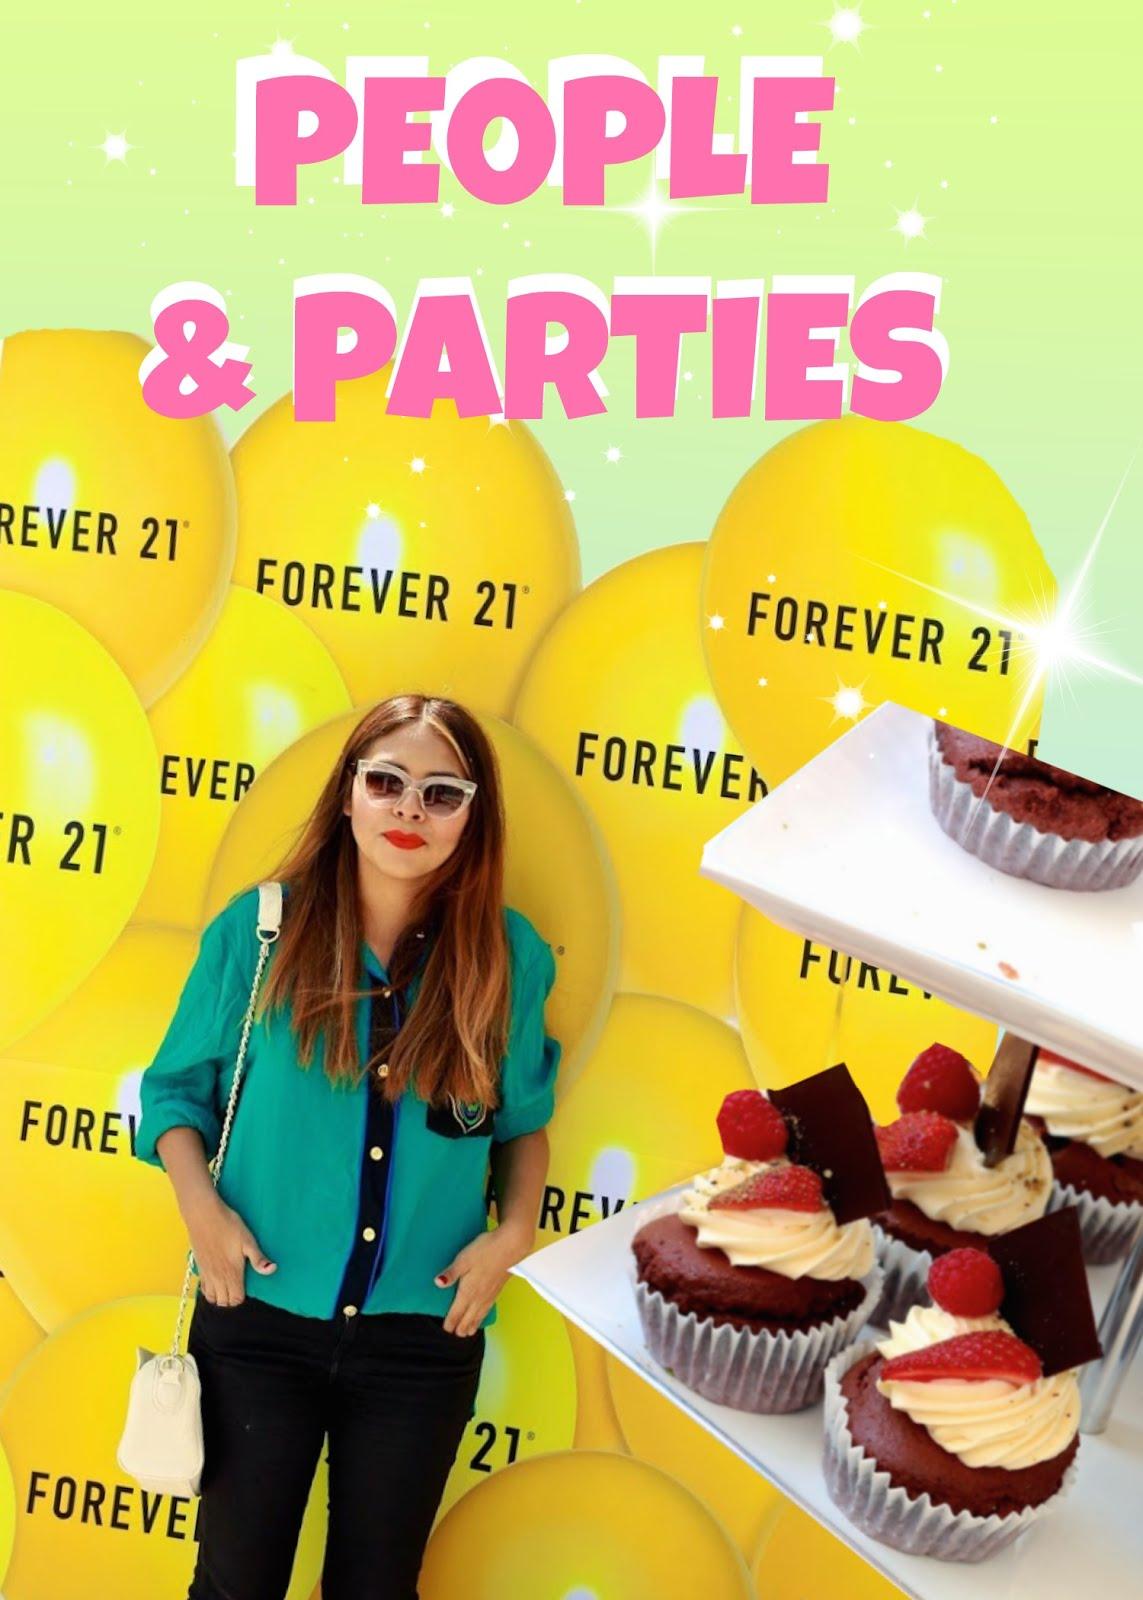 PEOPLE & PARTIES